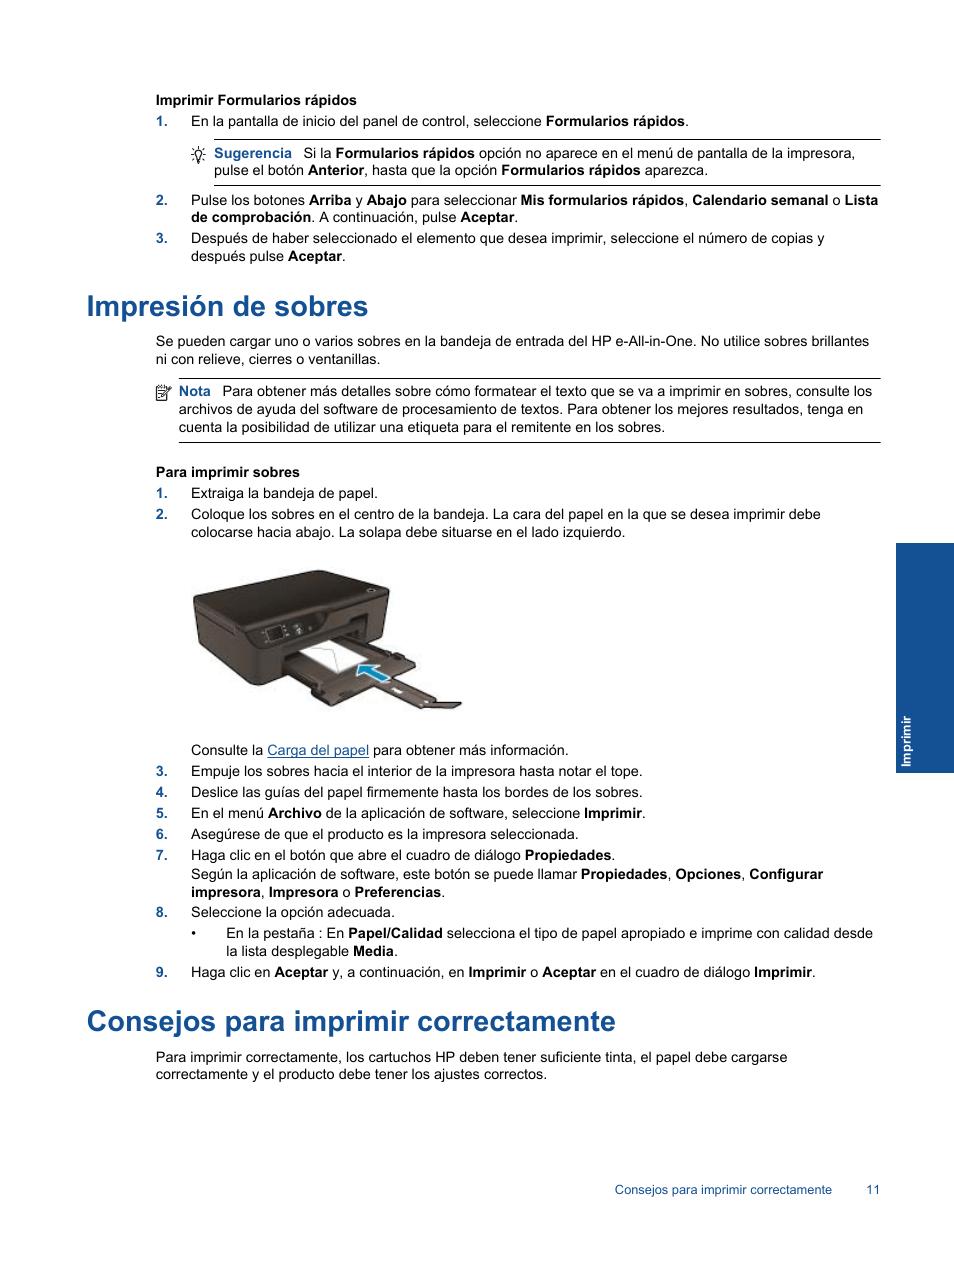 Impresión De Sobres, Consejos Para Imprimir Correctamente